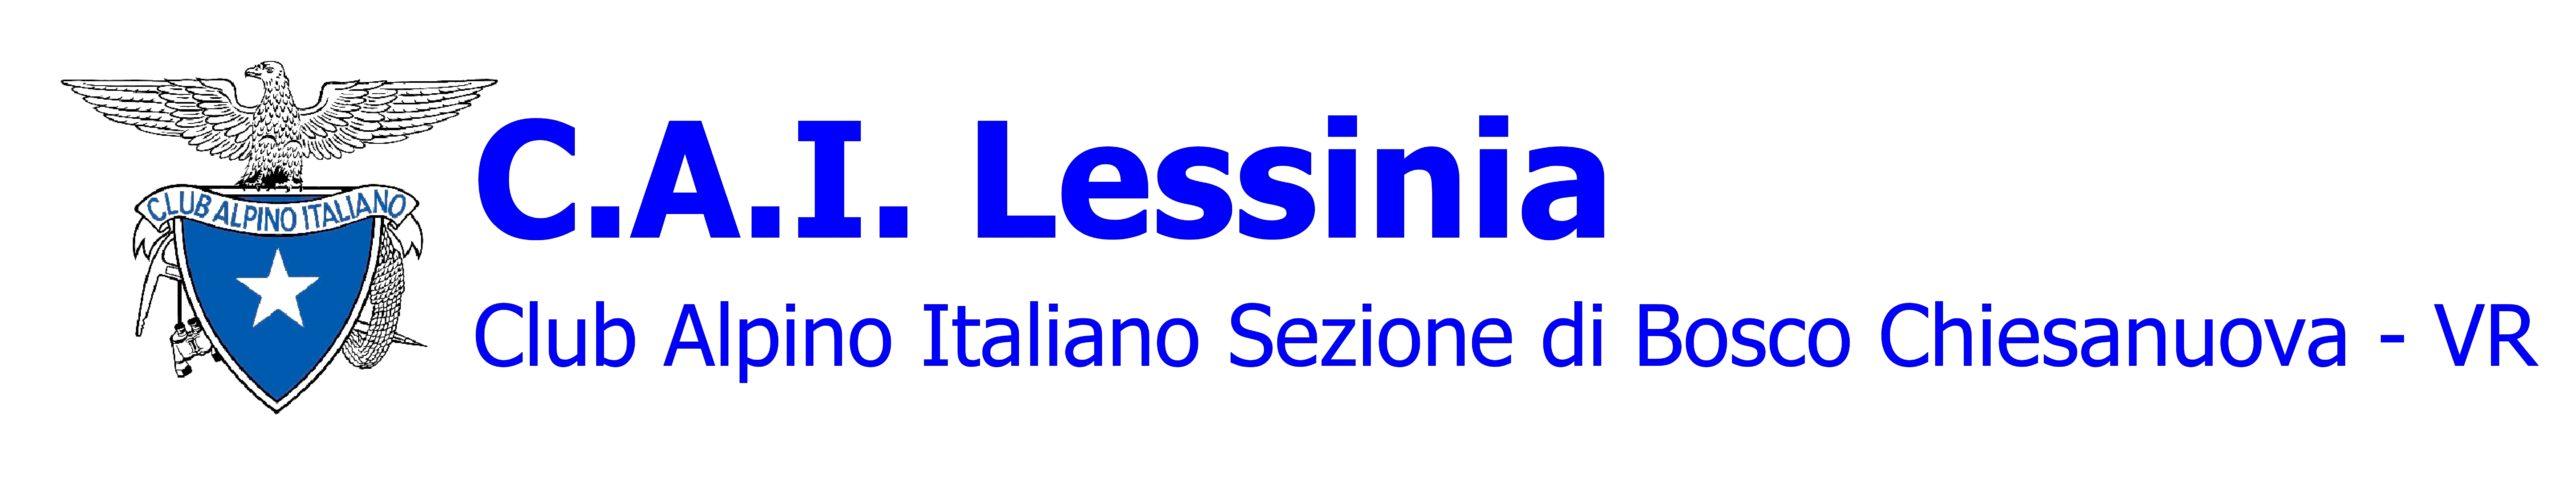 Sezione CAI Lessinia di Bosco Chiesanuova